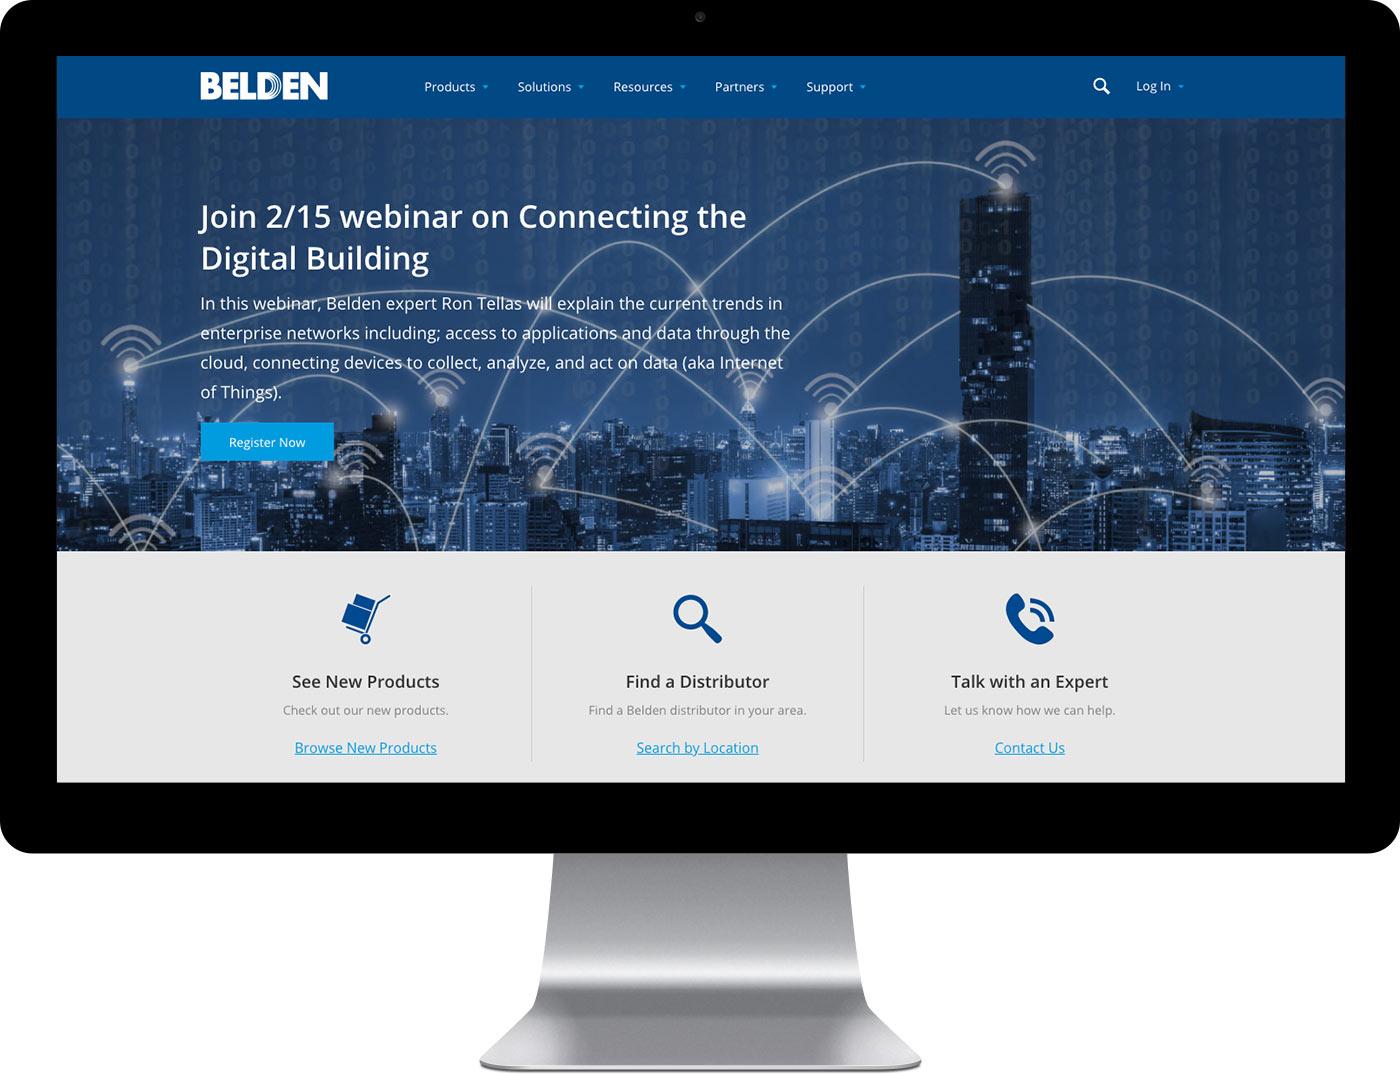 belden-desktop-device-01